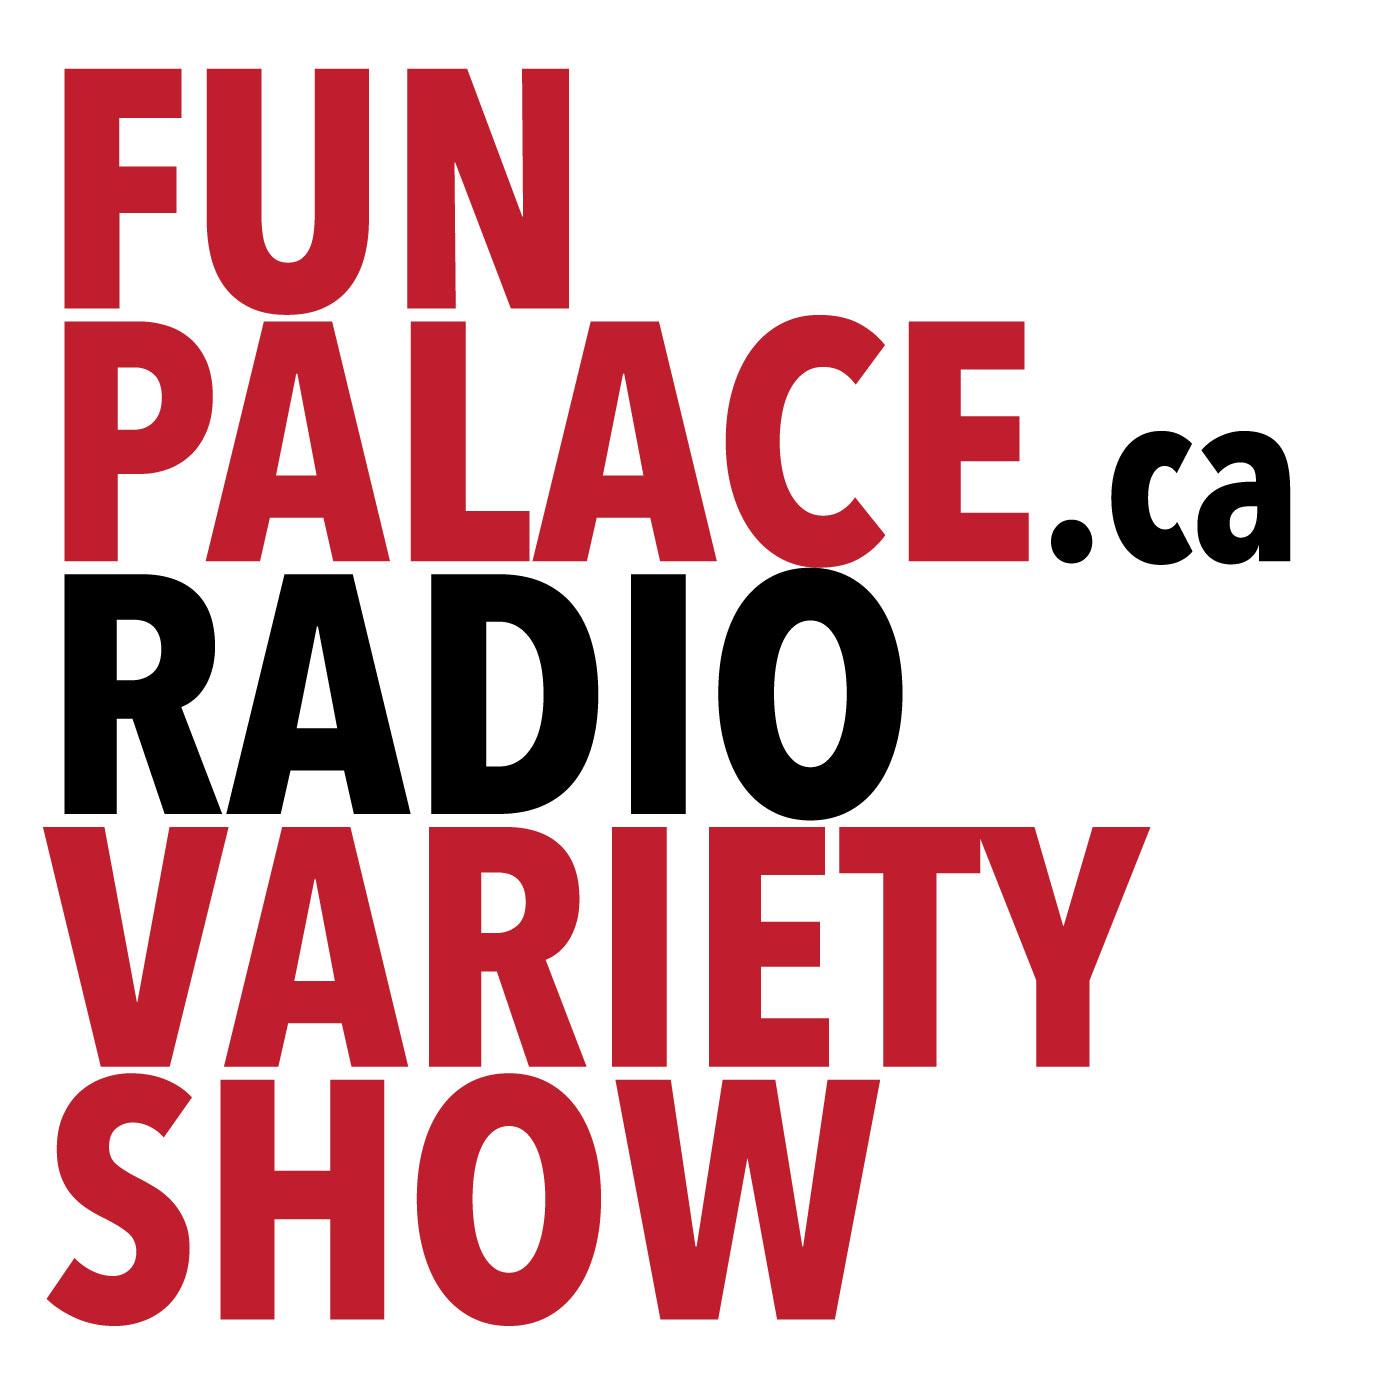 Fun Palace Radio Variety Show